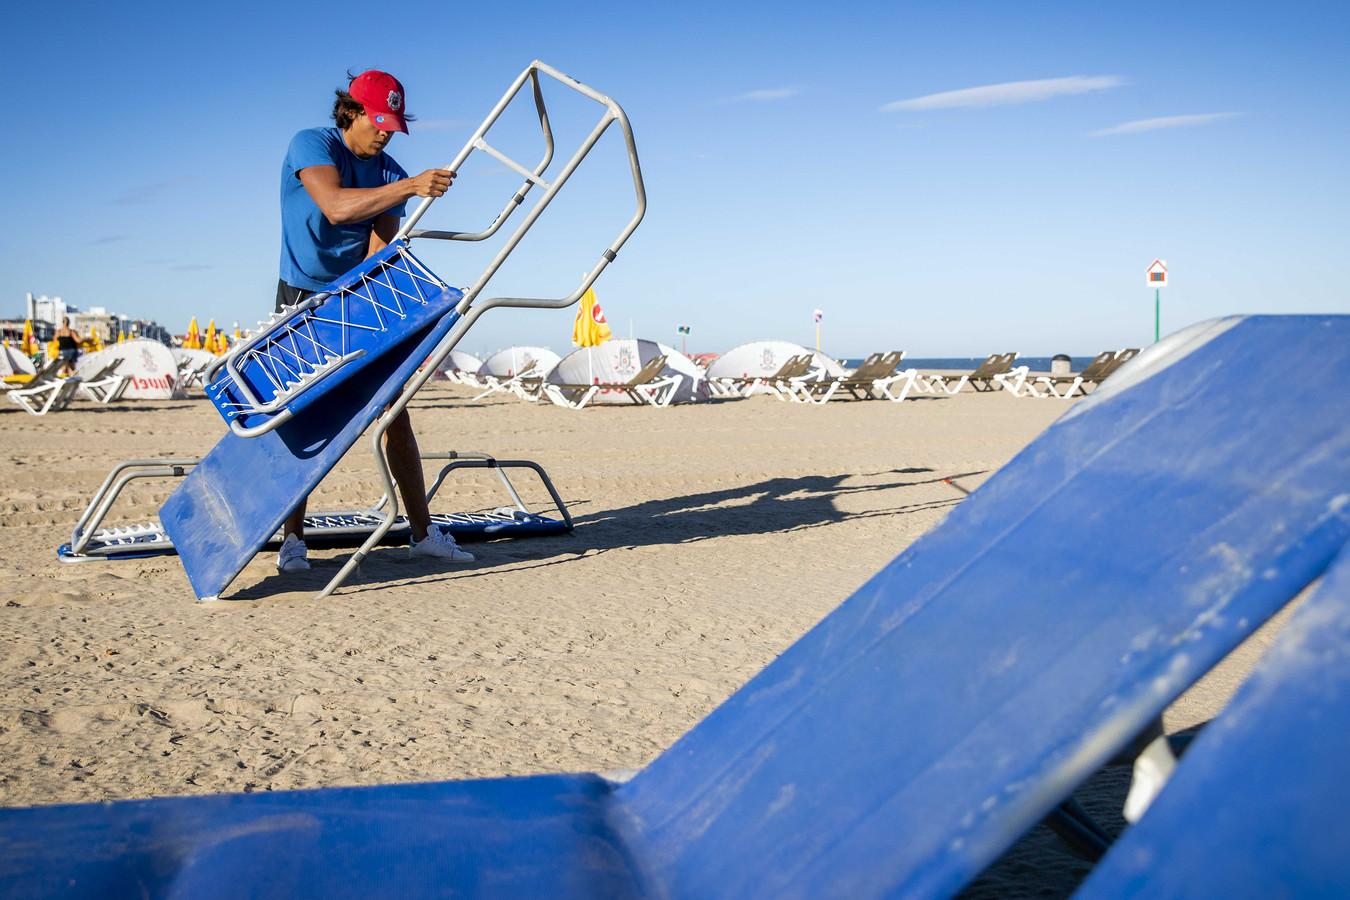 Een medewerker van een strandpaviljoen bereidt zich voor op de drukte. Het belooft een zomerse dag te worden, de komende dagen wordt het nóg warmer.